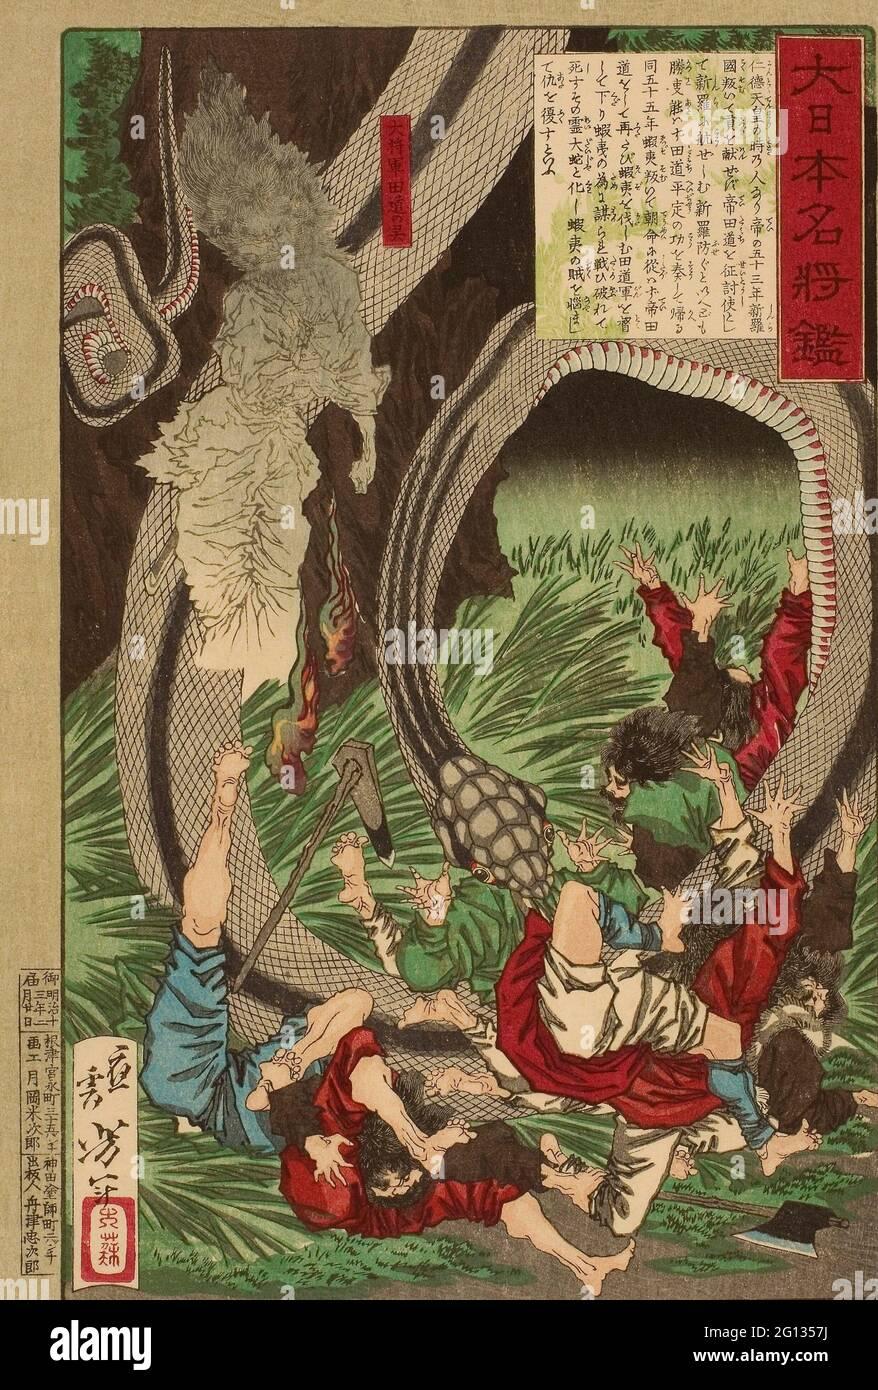 Auteur: Tsukioka Yoshitoshi. Le fantôme du Grand général Tamichi (Daishogun Tamichi no rei), de la série - - UN miroir du célèbre japonais Banque D'Images